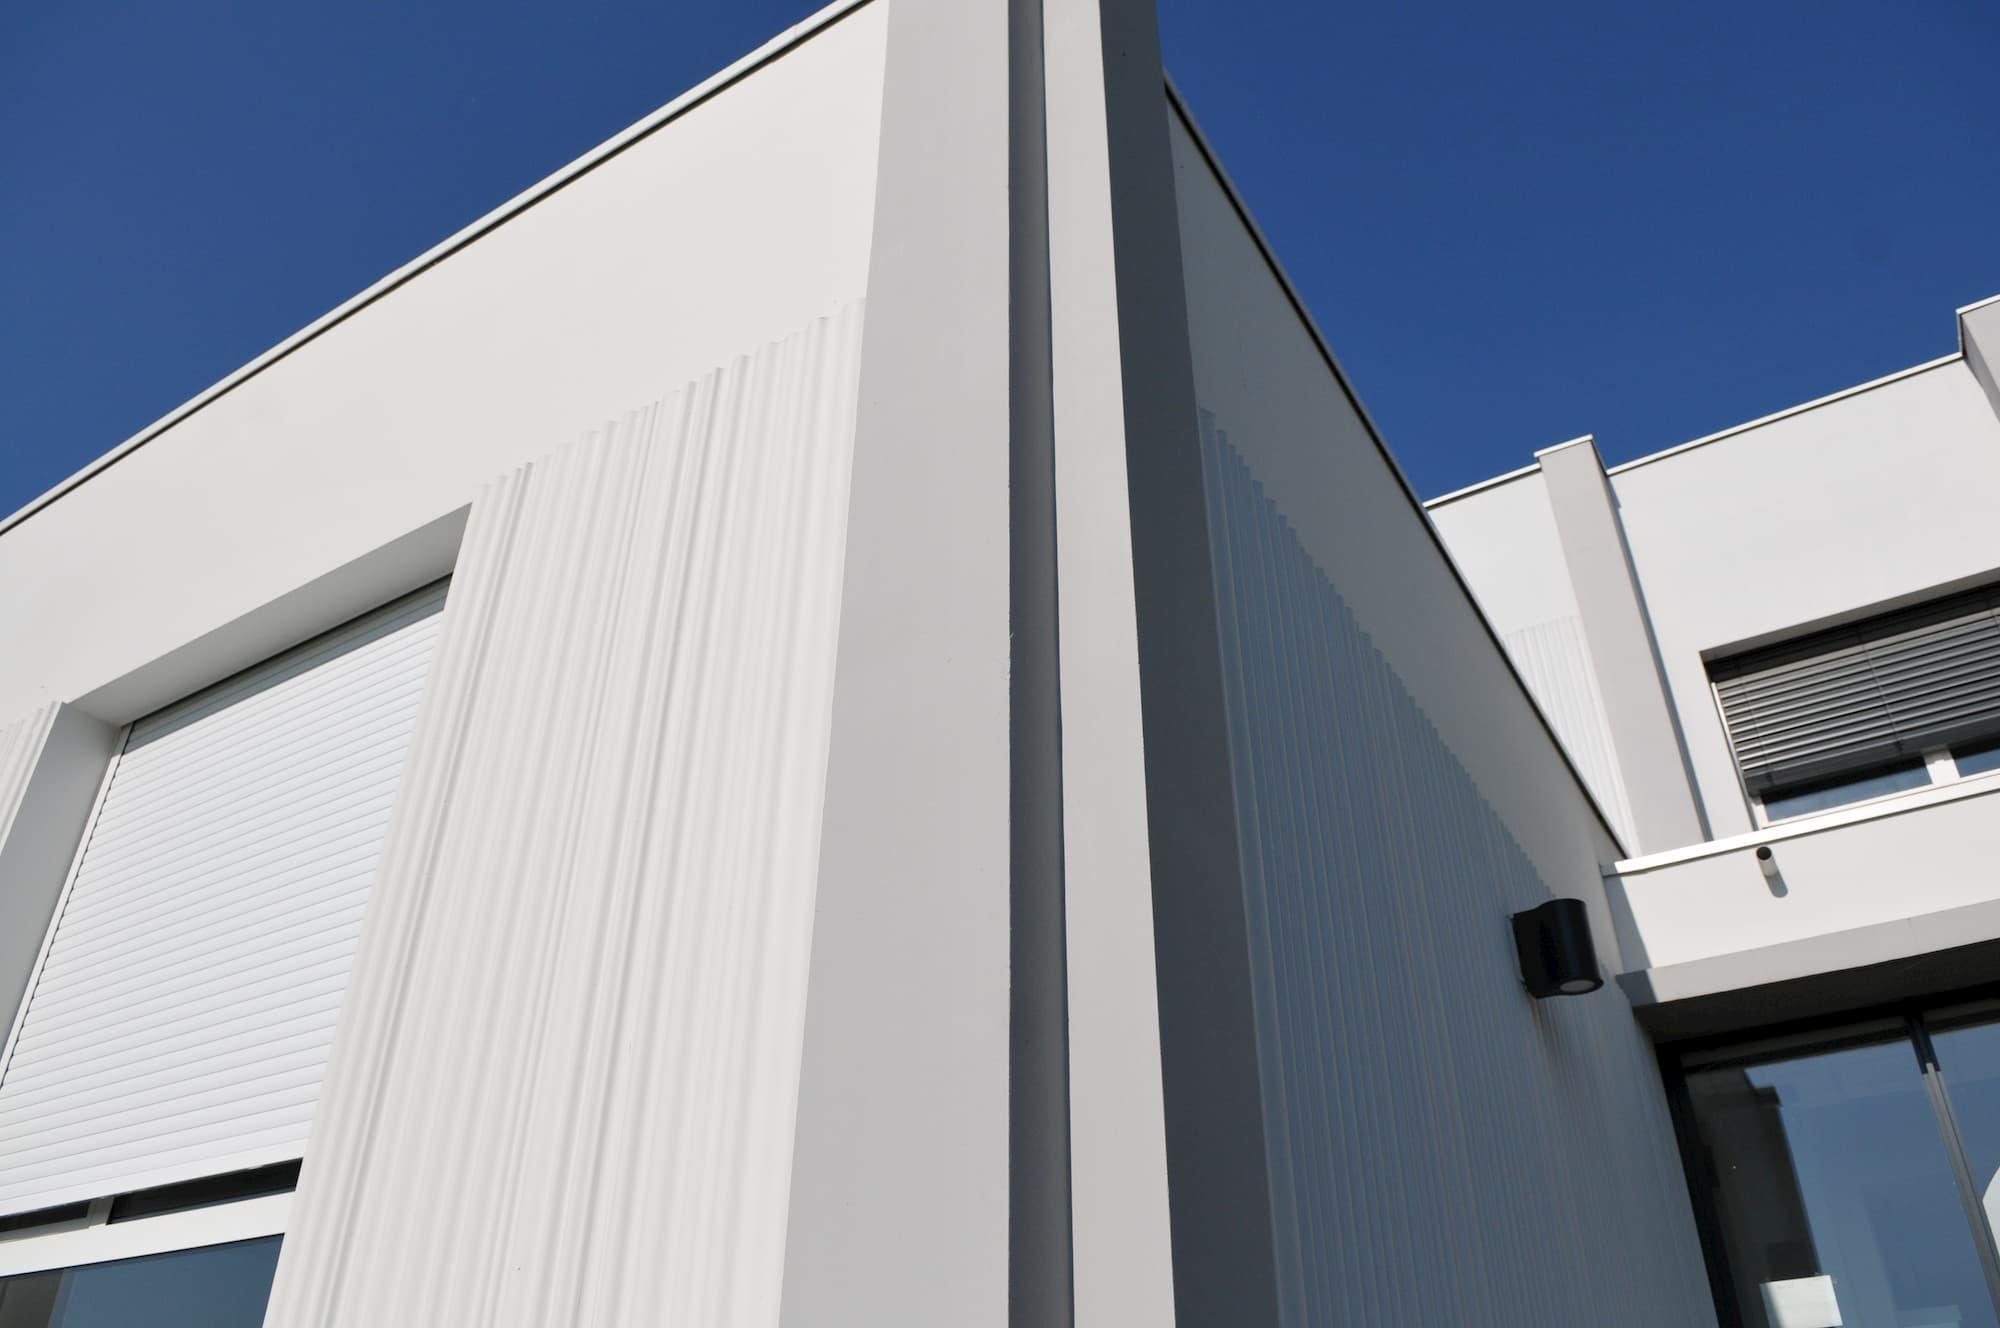 ALM Construction - Murs en béton matricé préfabriqués par la société ACFA